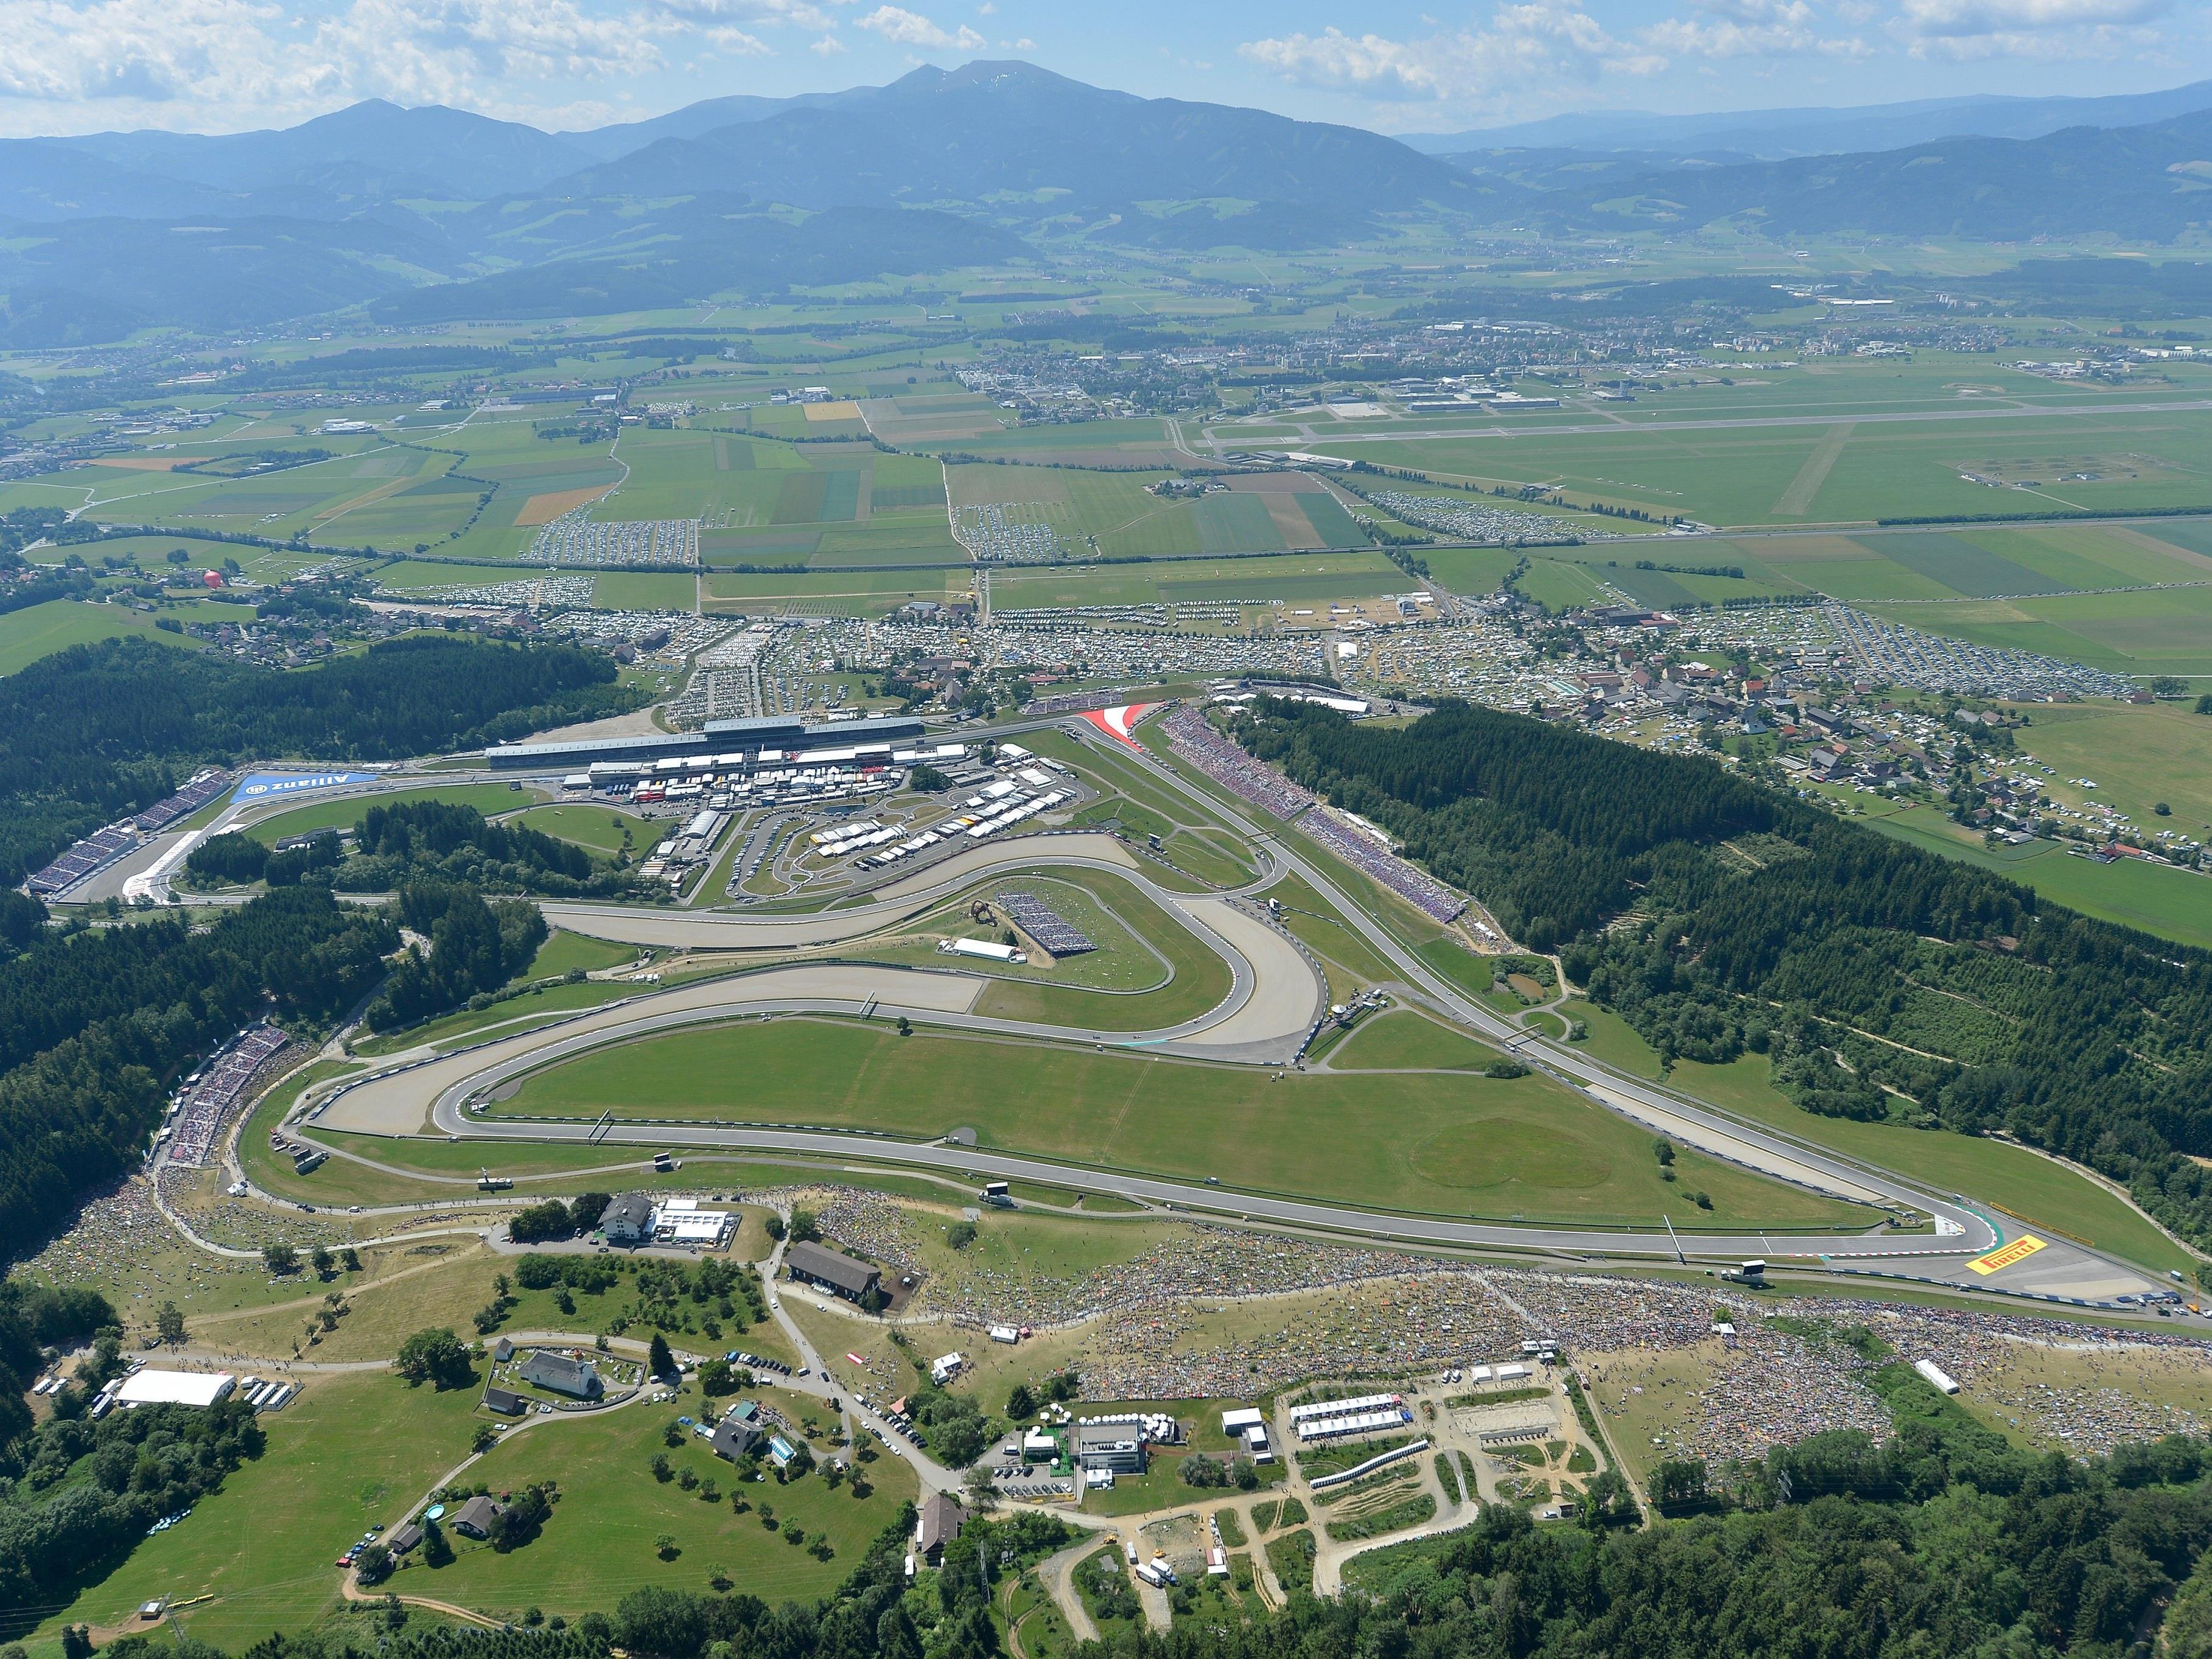 Am Wochenende: Großer Preis von Österreich und zugleich auch großes Jubiläum